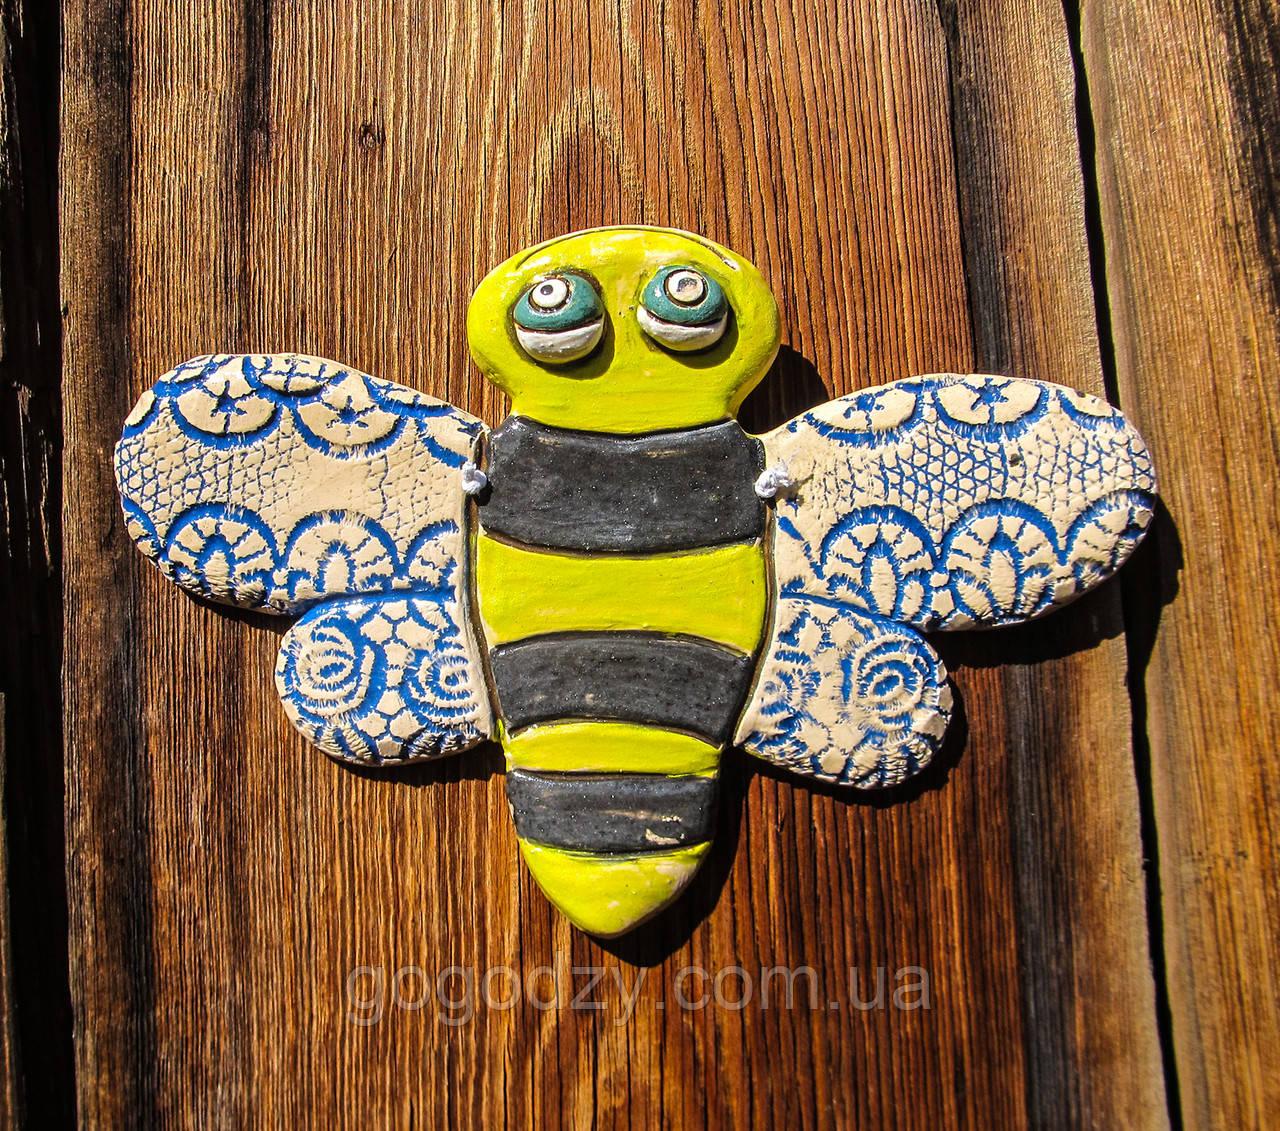 Плакетка керамічна Бджілка